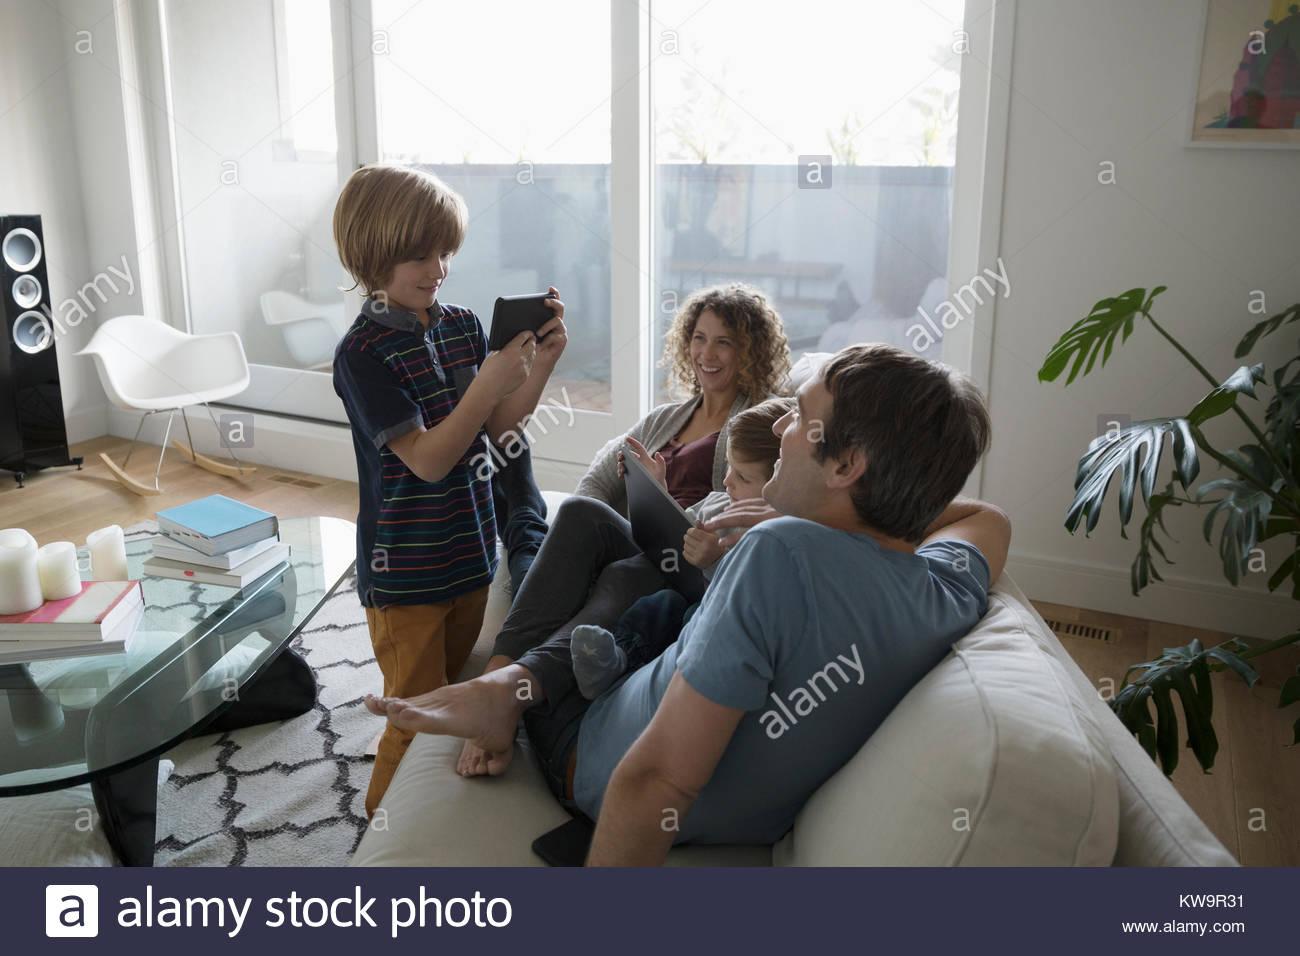 Hijo con teléfono con cámara de fotografiar a la familia en el sofá relajante Imagen De Stock